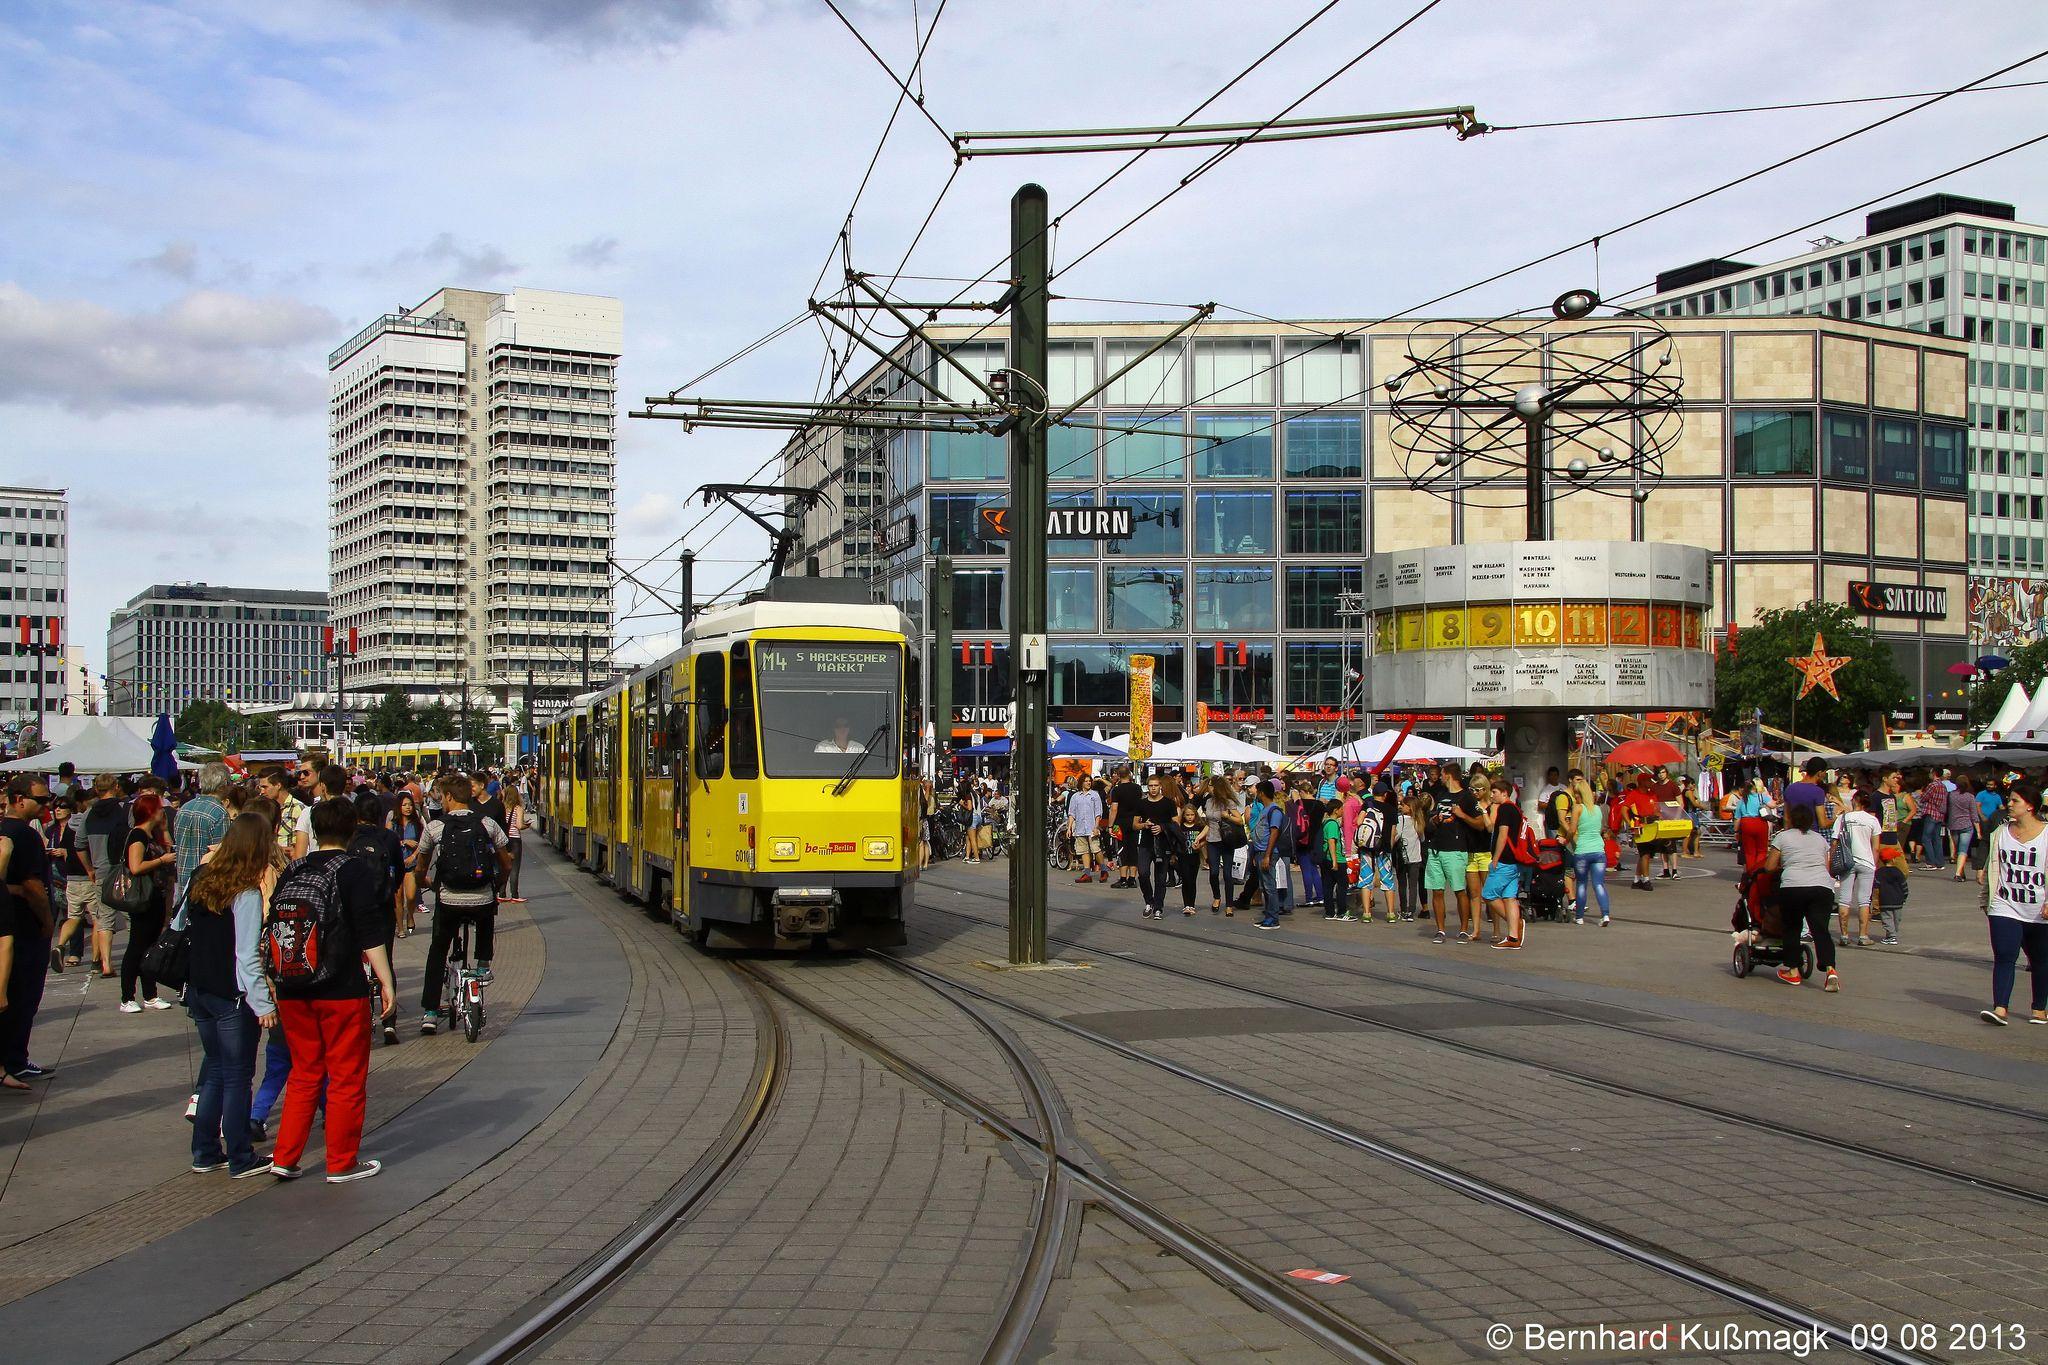 Europa Deutschland Berlin Mitte Alexanderplatz In 2020 Strassenbahn Europa Und Berlin